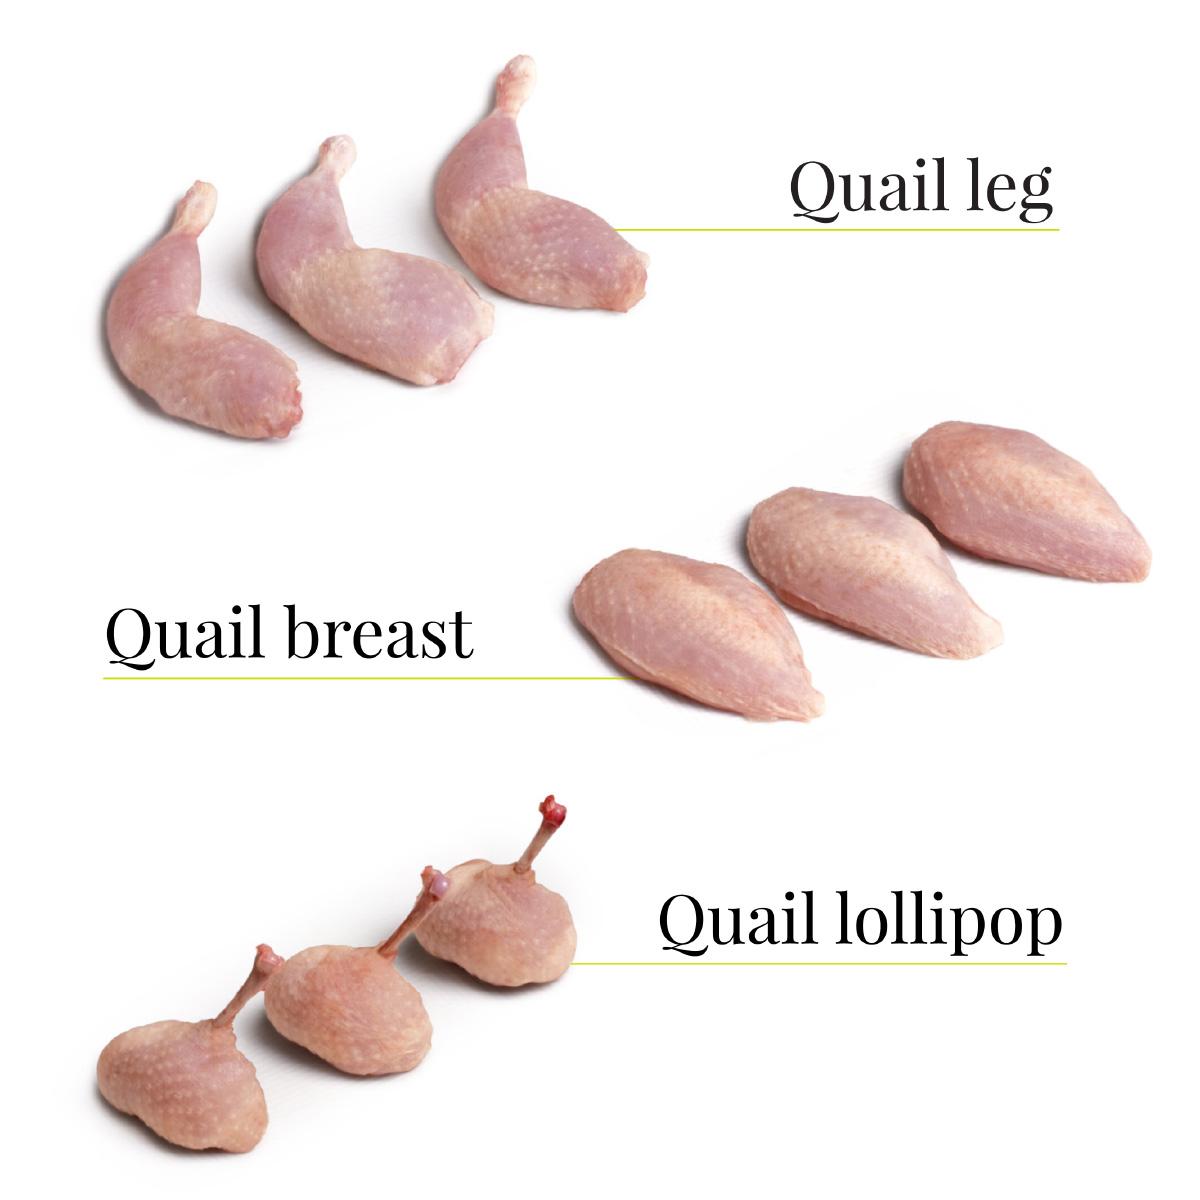 quail cuts urgasa quail usa